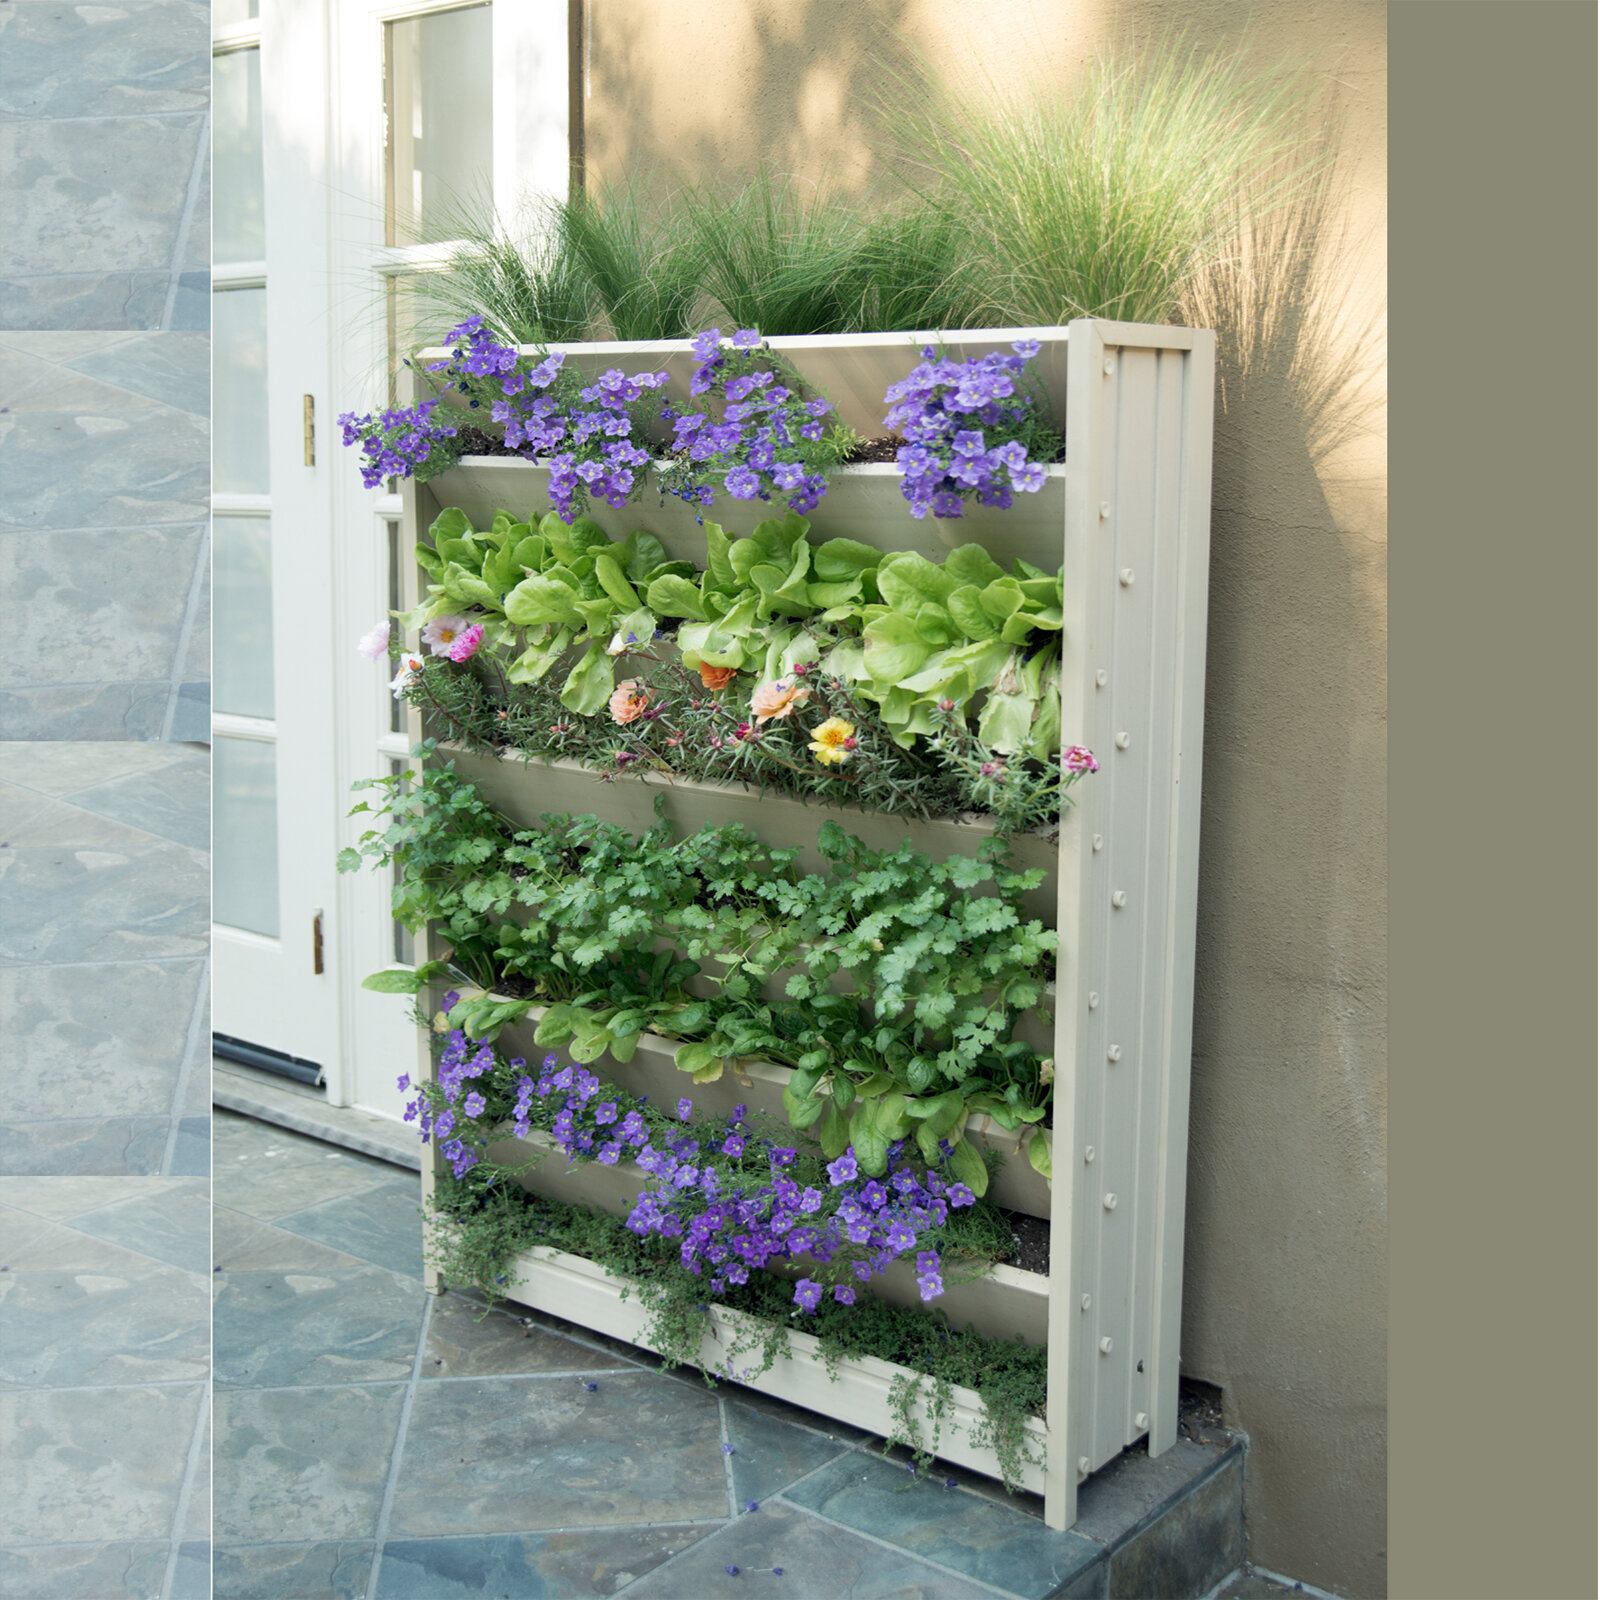 primer lets gardening plants let garden a vertical on get s